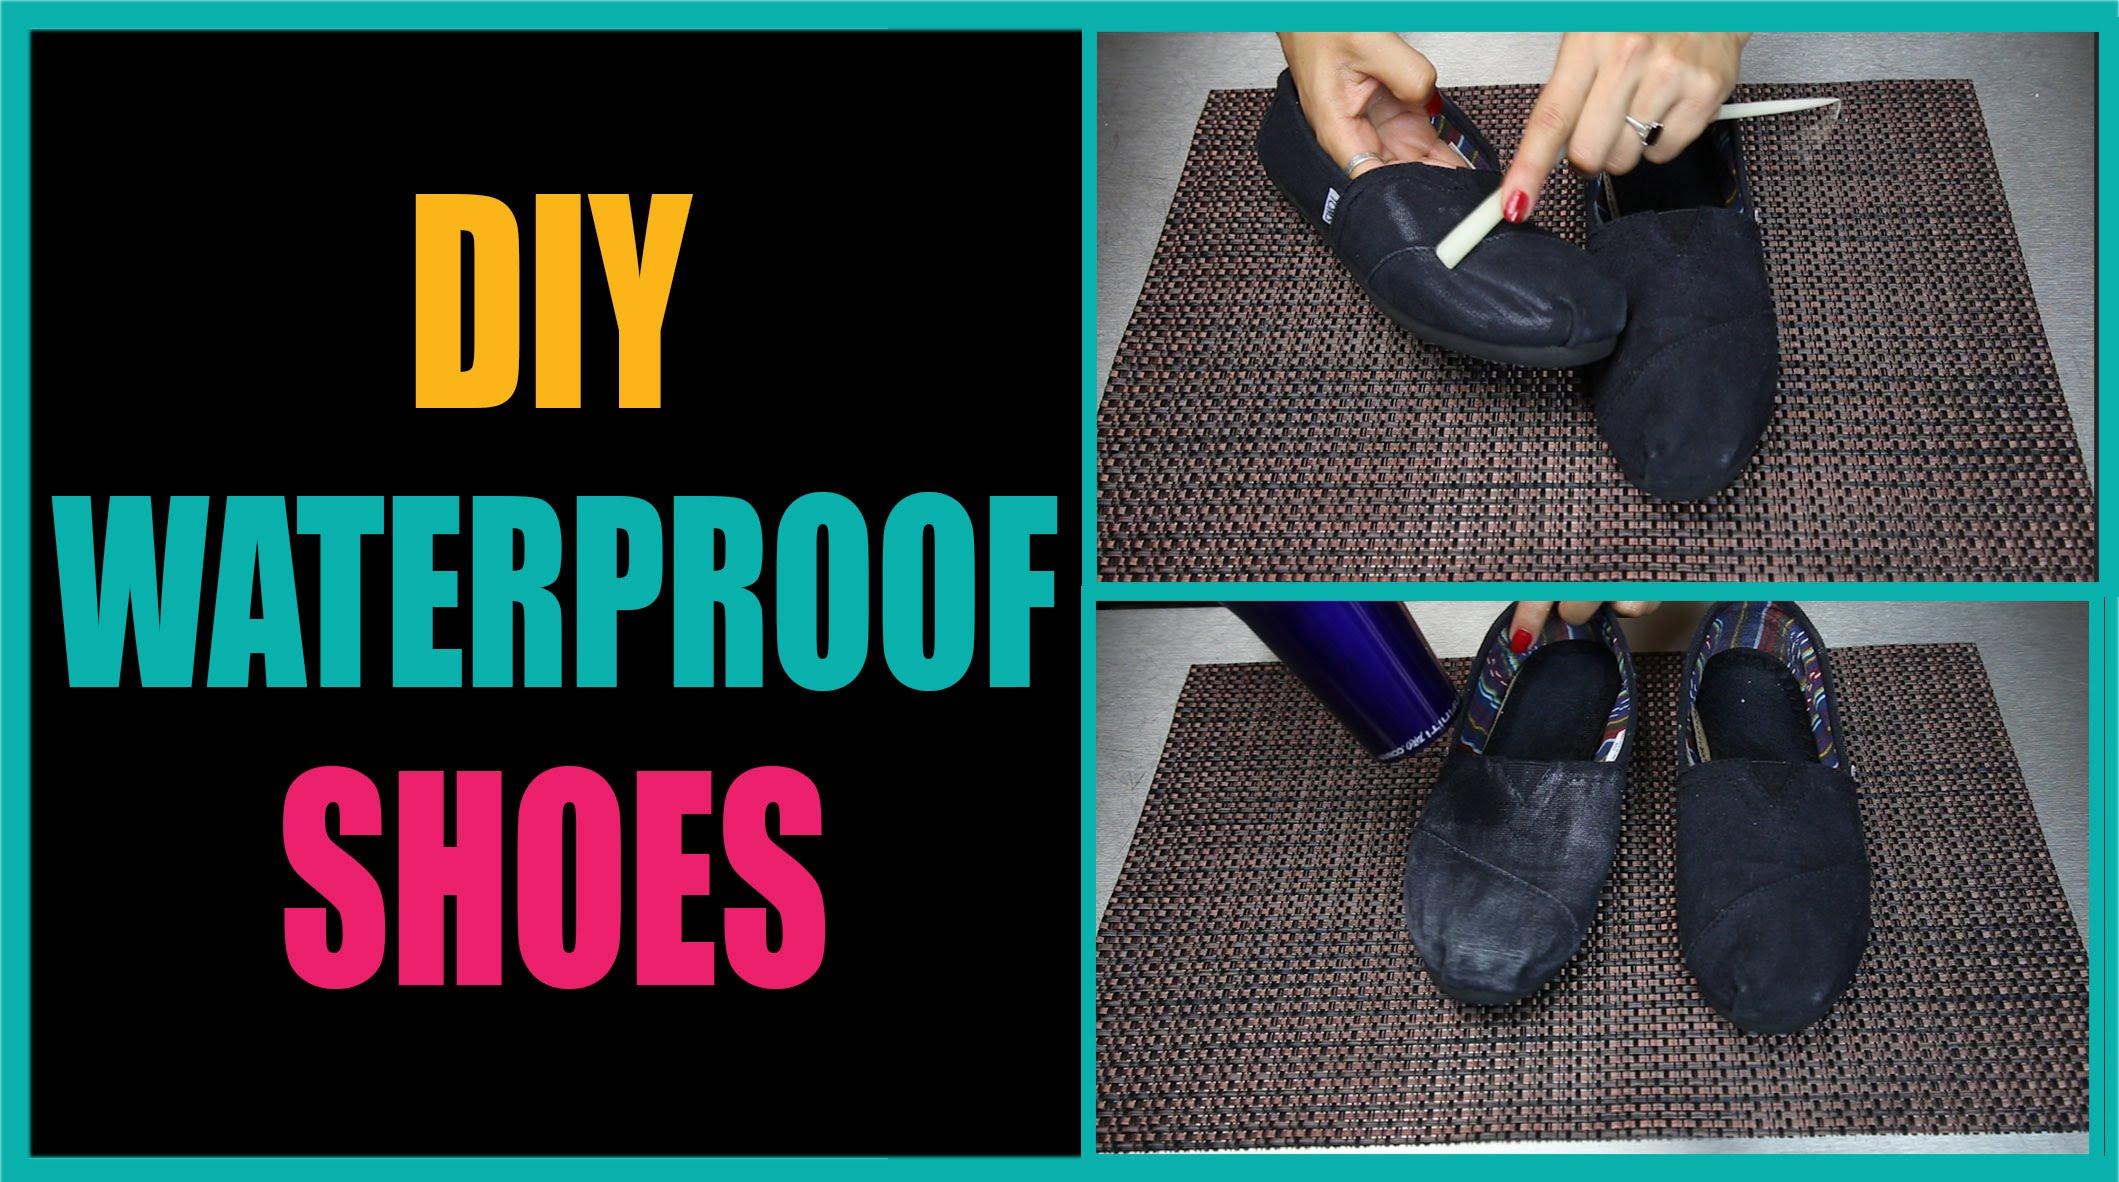 DIY WaterProof Shoes - Page 2 of 2